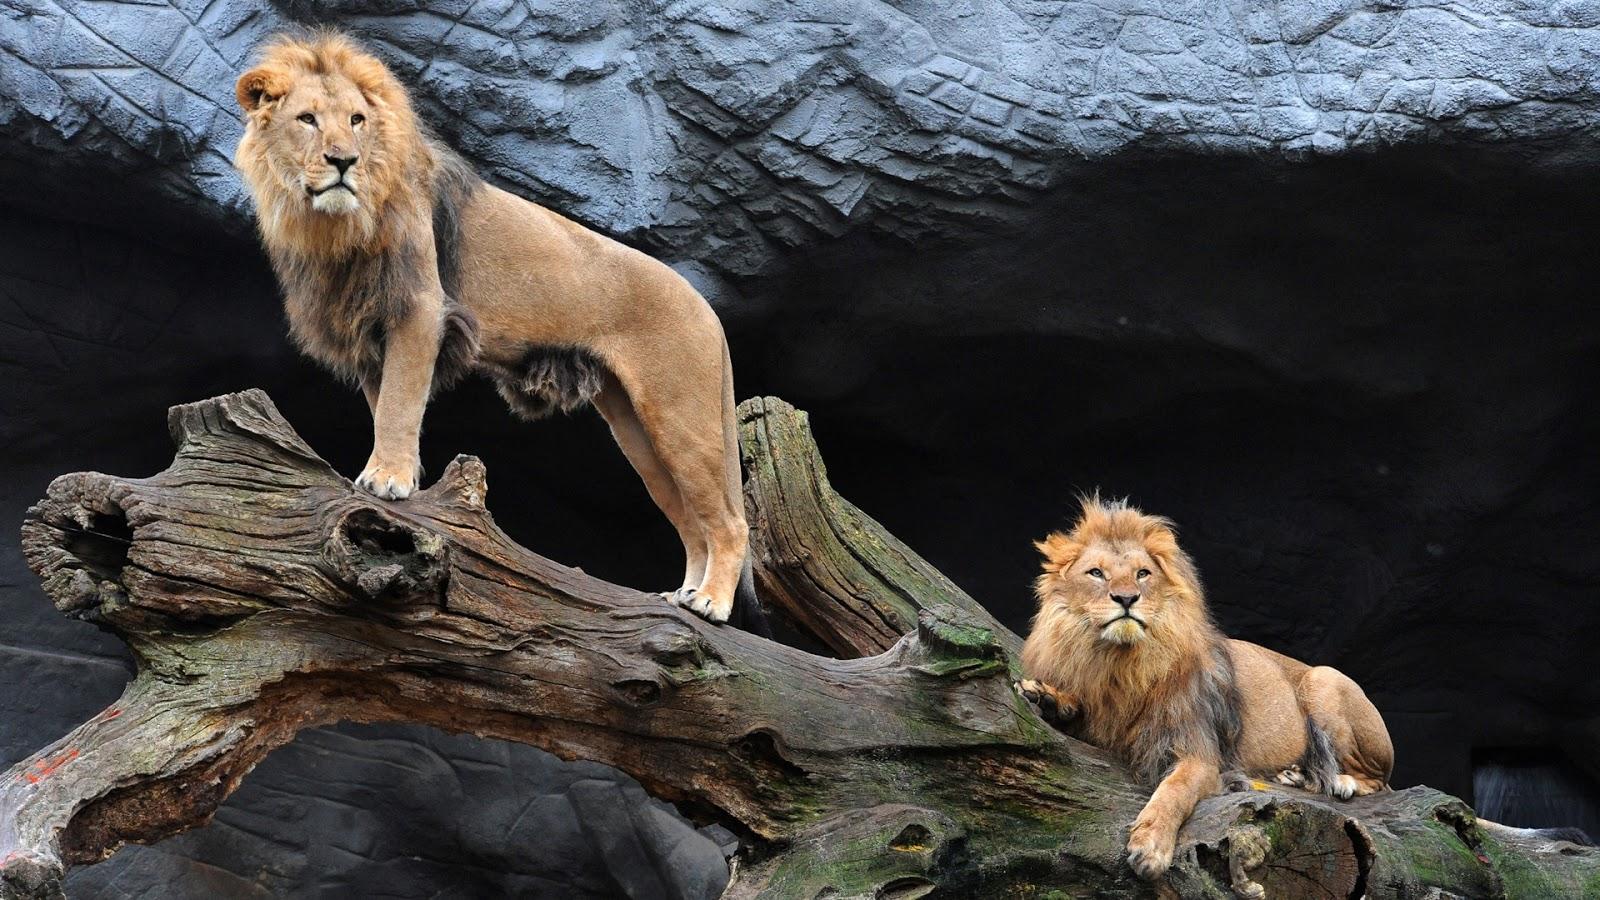 http://3.bp.blogspot.com/-q0zYqwuYhtE/UO1DFcHNhrI/AAAAAAAAOsM/vPkt-CqNHhc/s1600/majestic-pair-of-lions.jpg